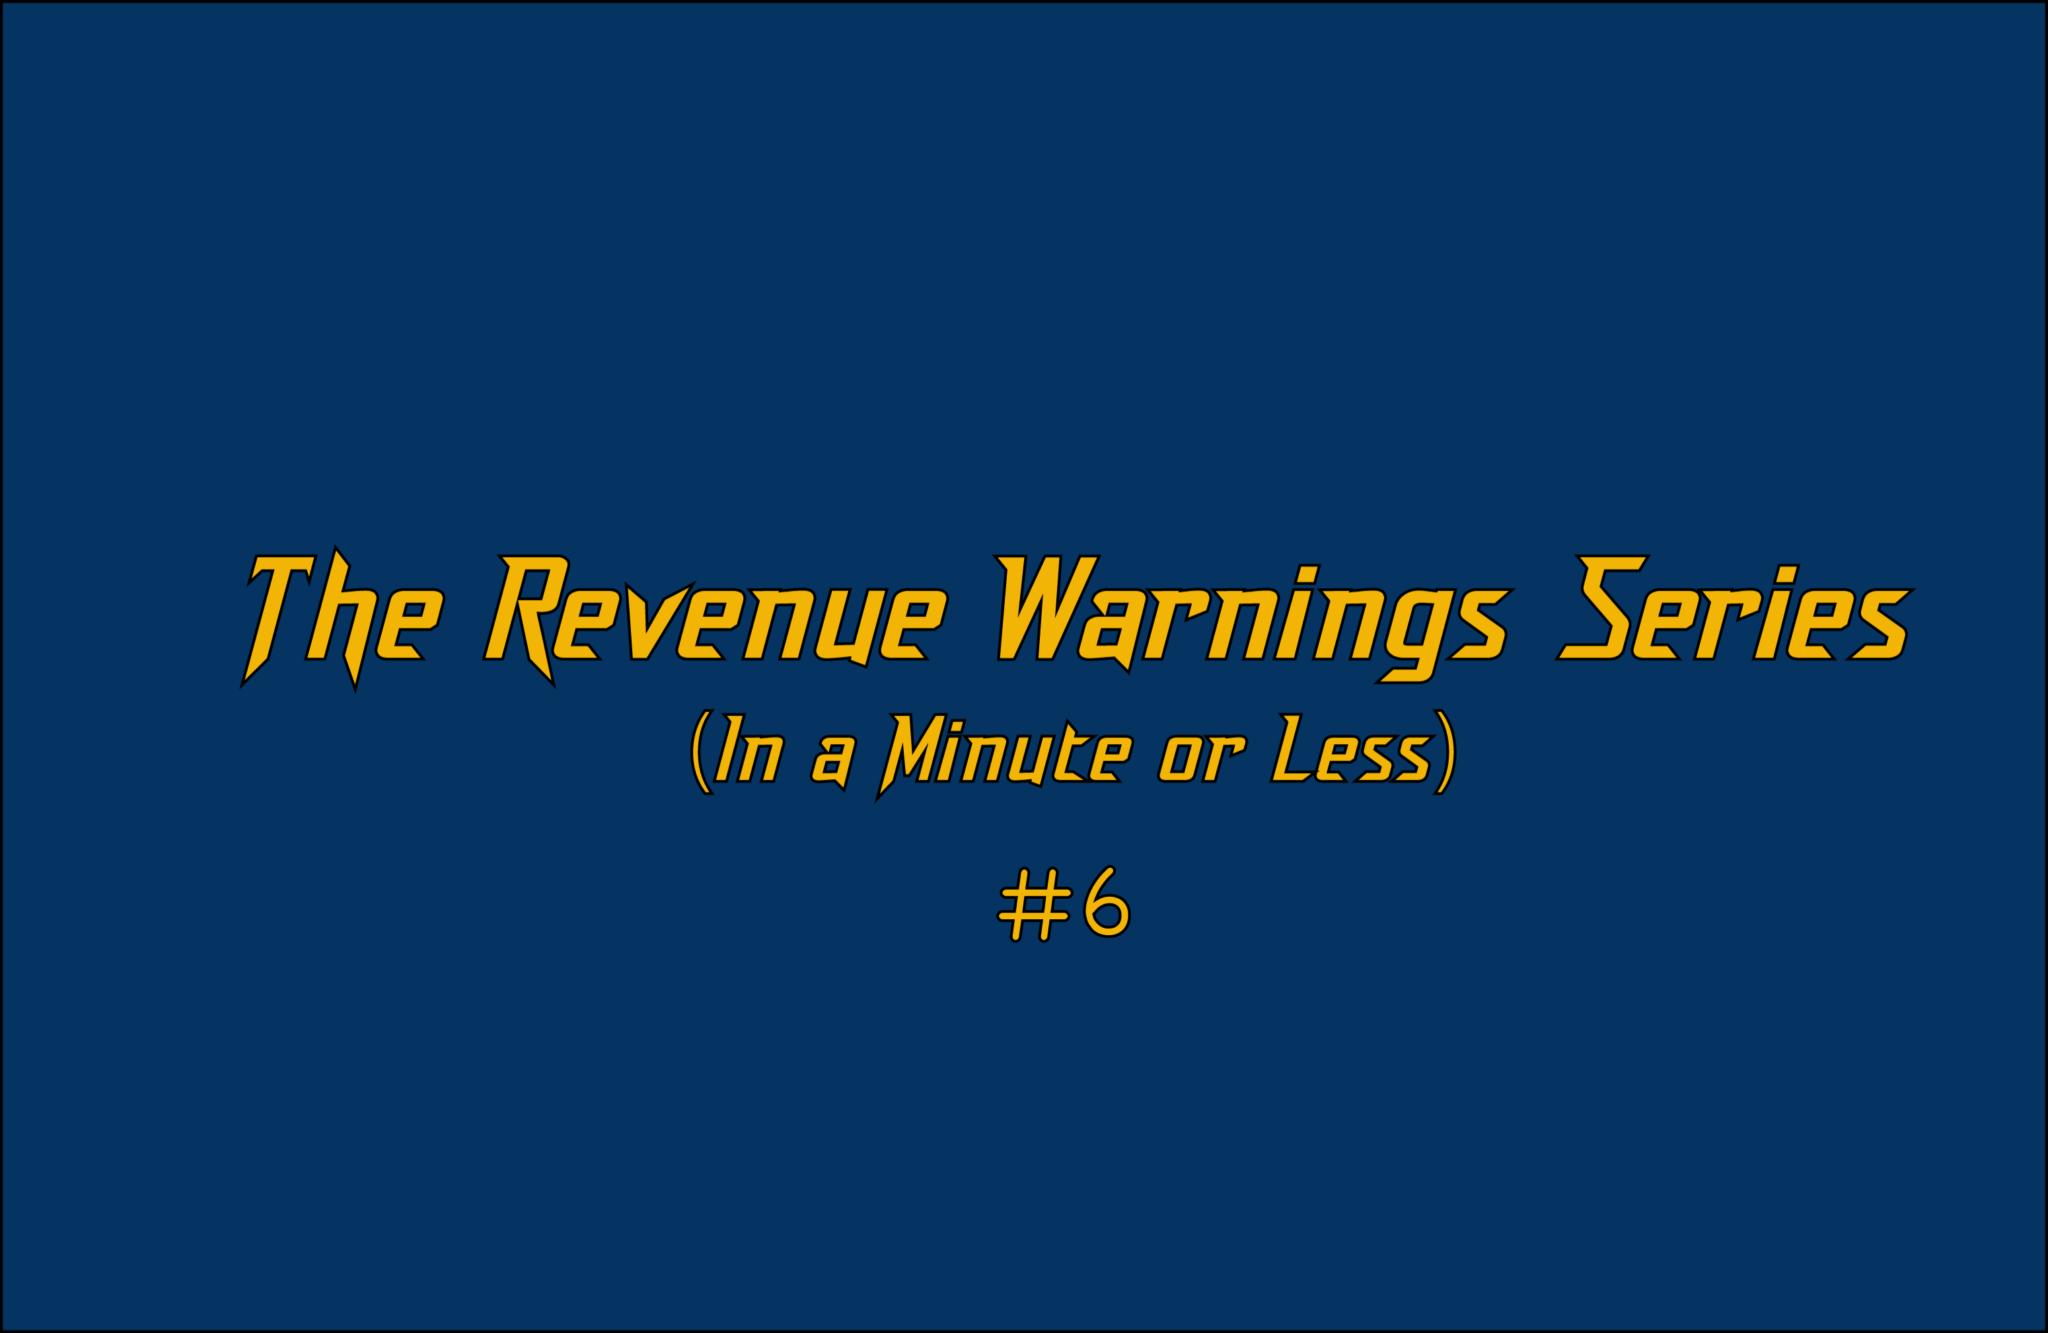 Revenue Warning #6: Bubbles